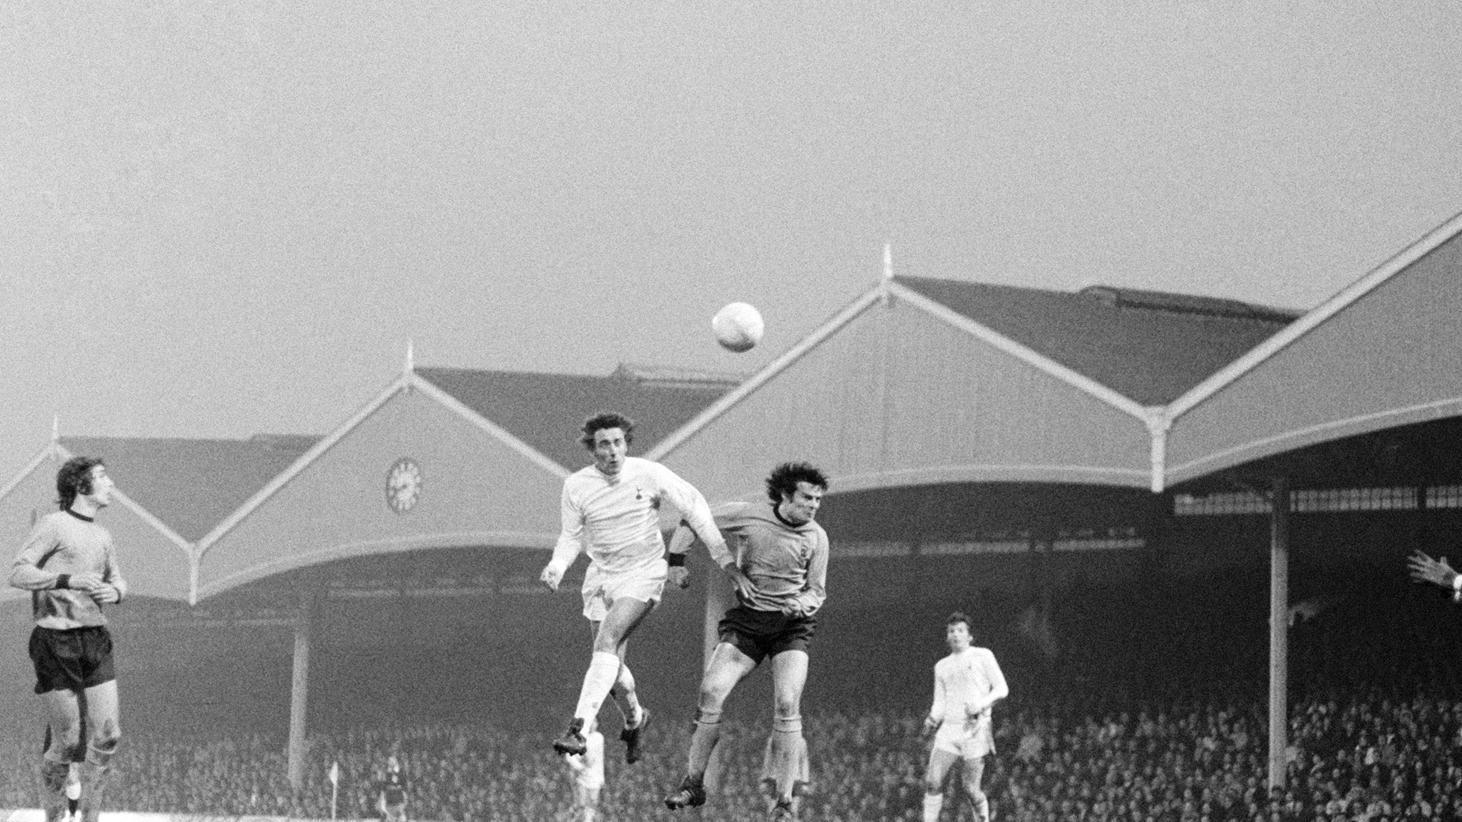 Martin Chivers em 1971 pulando para cabecear a bola na final contra o Wolves